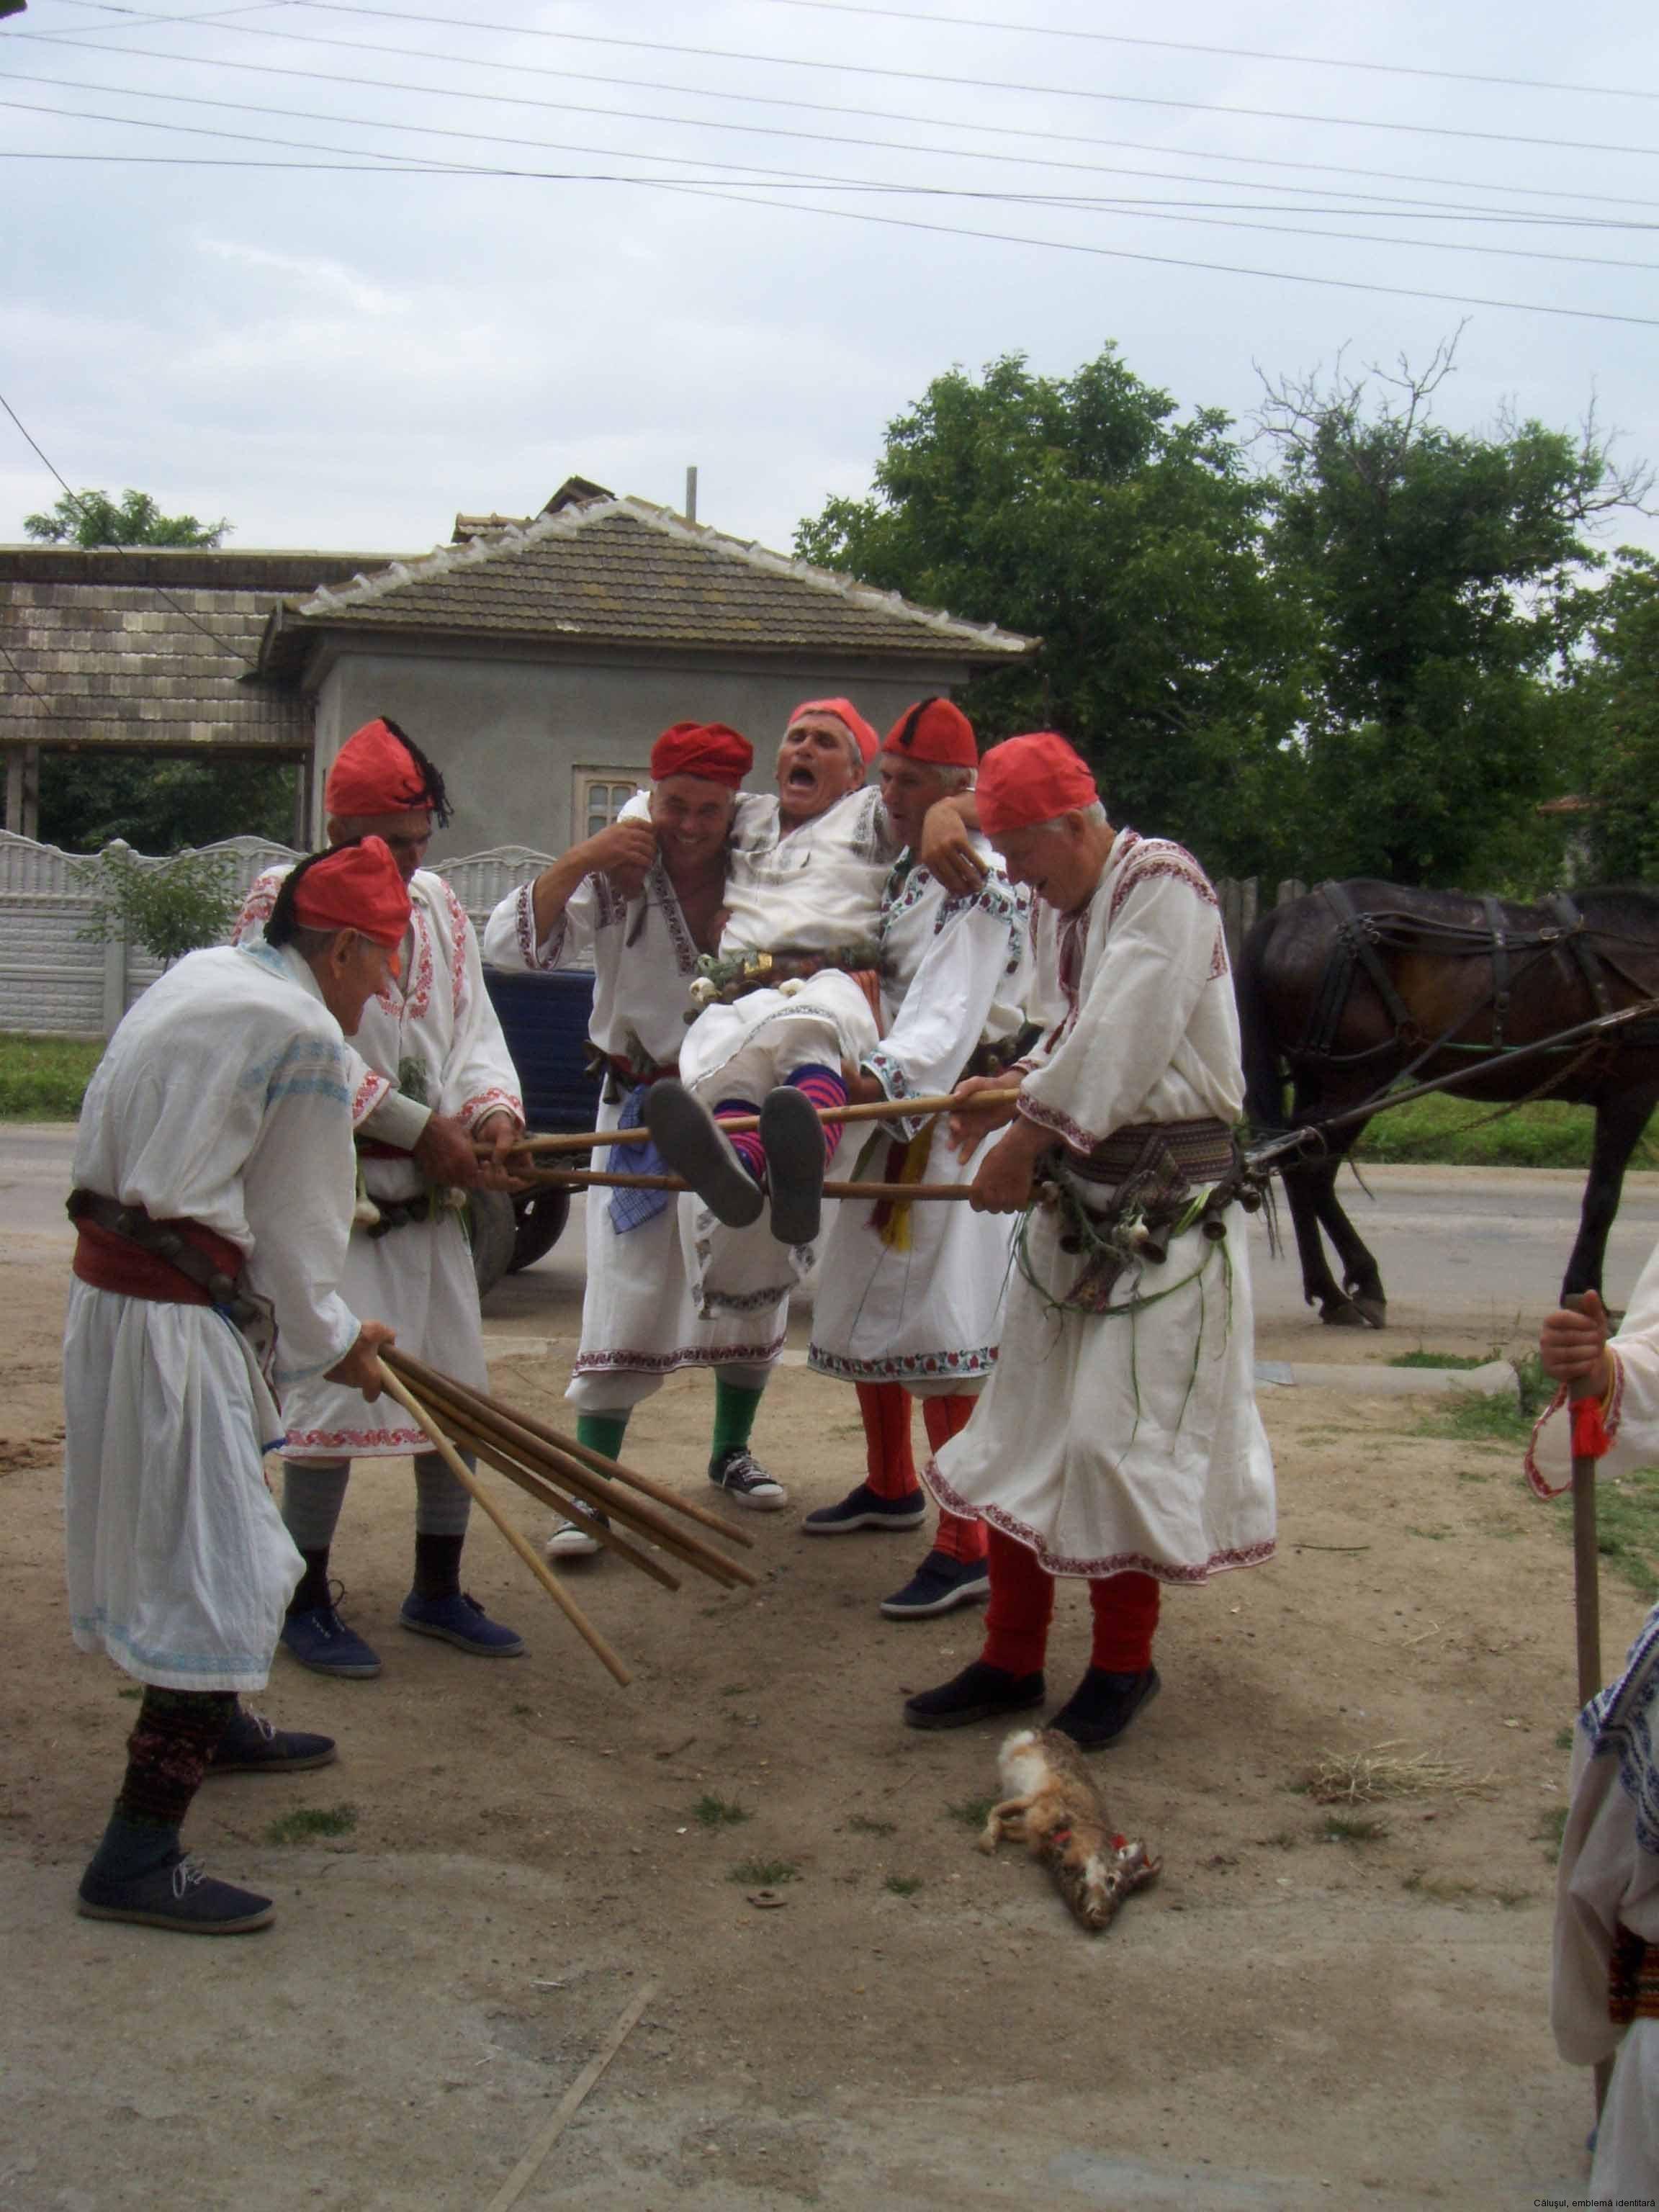 14-calus-Pantomima-ludica-pedepsirea-calusarului-Giurgita-2008